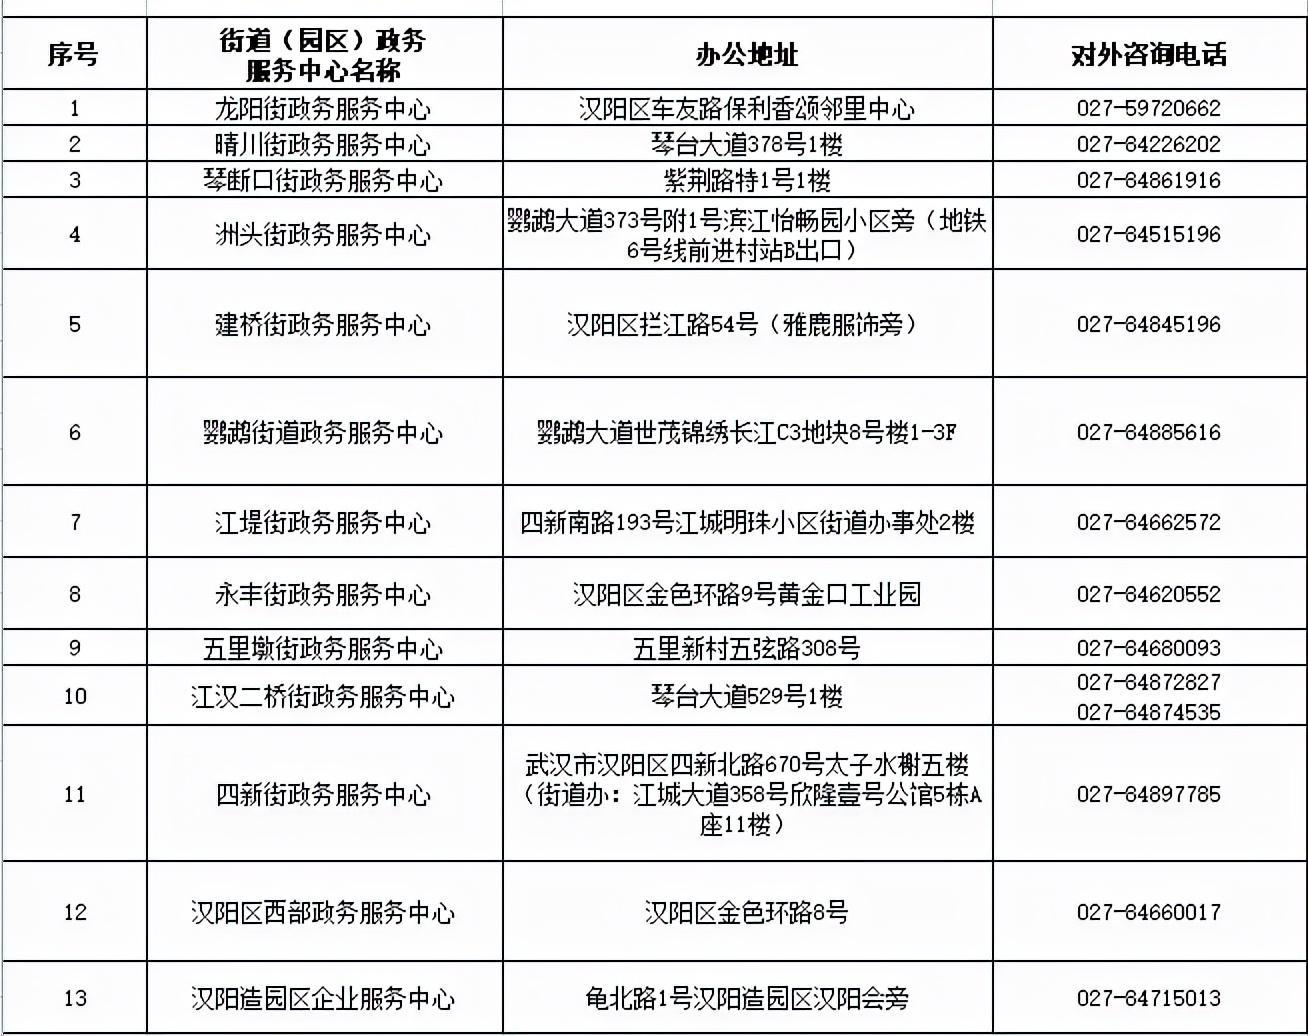 汉阳区各街道 (园区)政务服务中心地址 这些证街道就能当日办结插图(1)